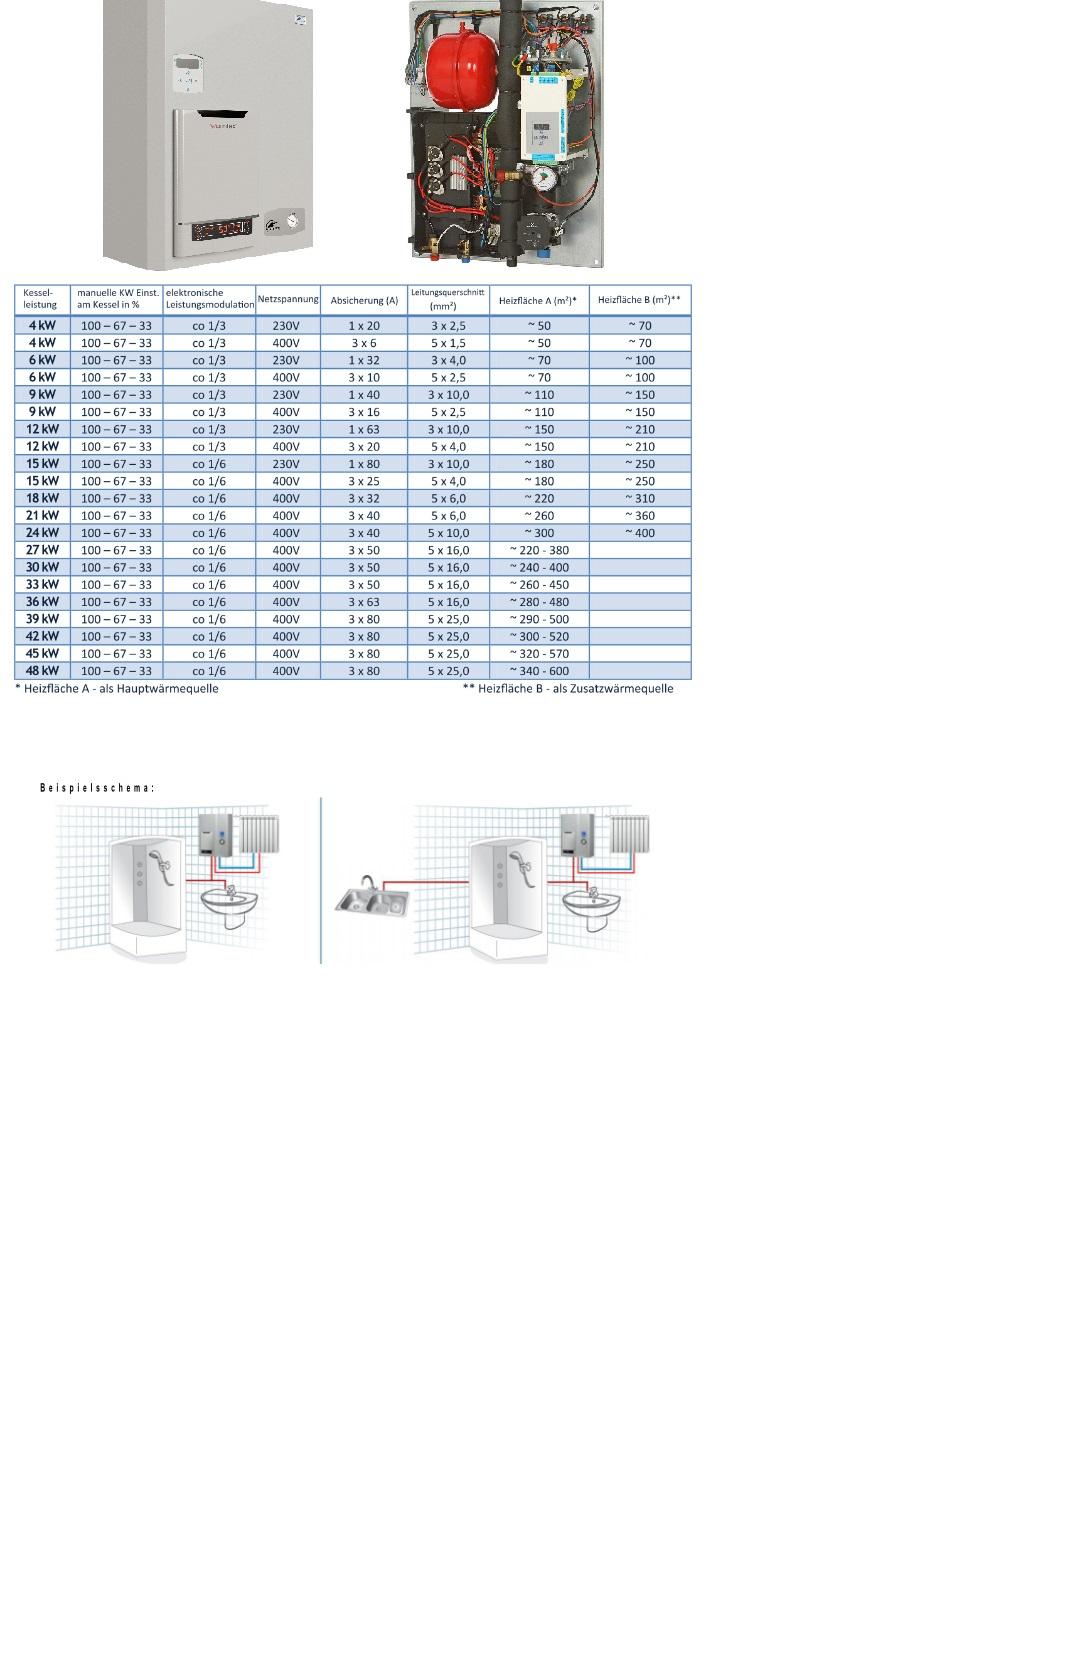 Elektrokessel  Zentralheizung 4 bis 12 kW Durchlauferhitzer 18 kW 400V